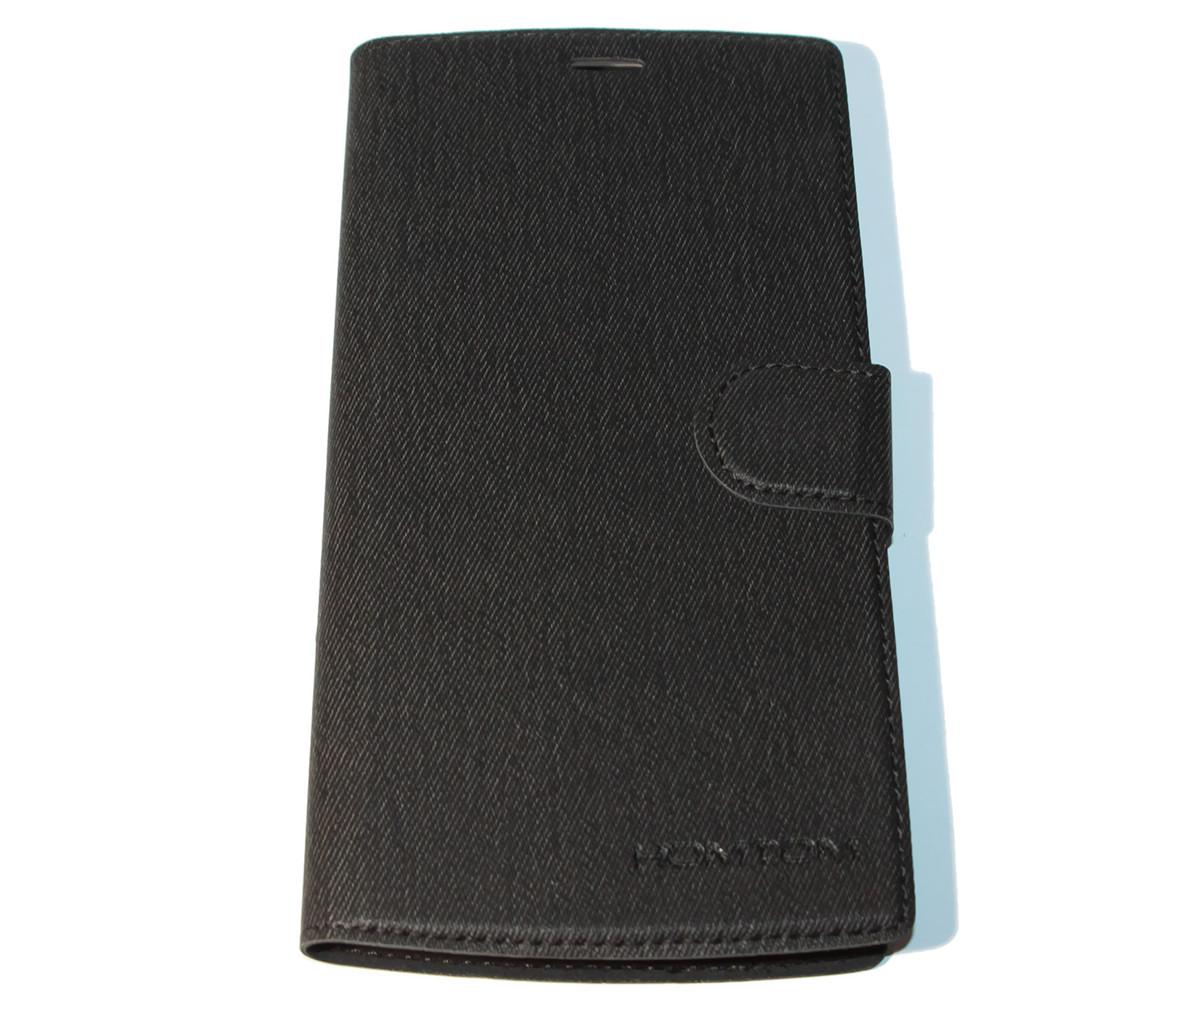 Чехол-книжка для смартфона Homtom HT7, black (с магнитом)